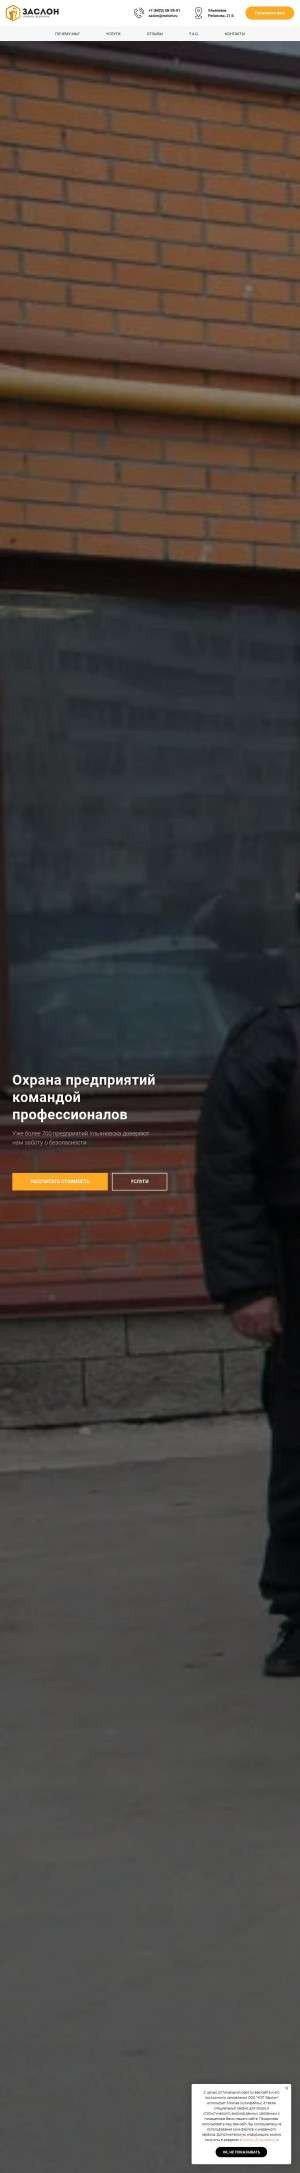 Предпросмотр для zaslon-ul.ru — ЧОП Заслон